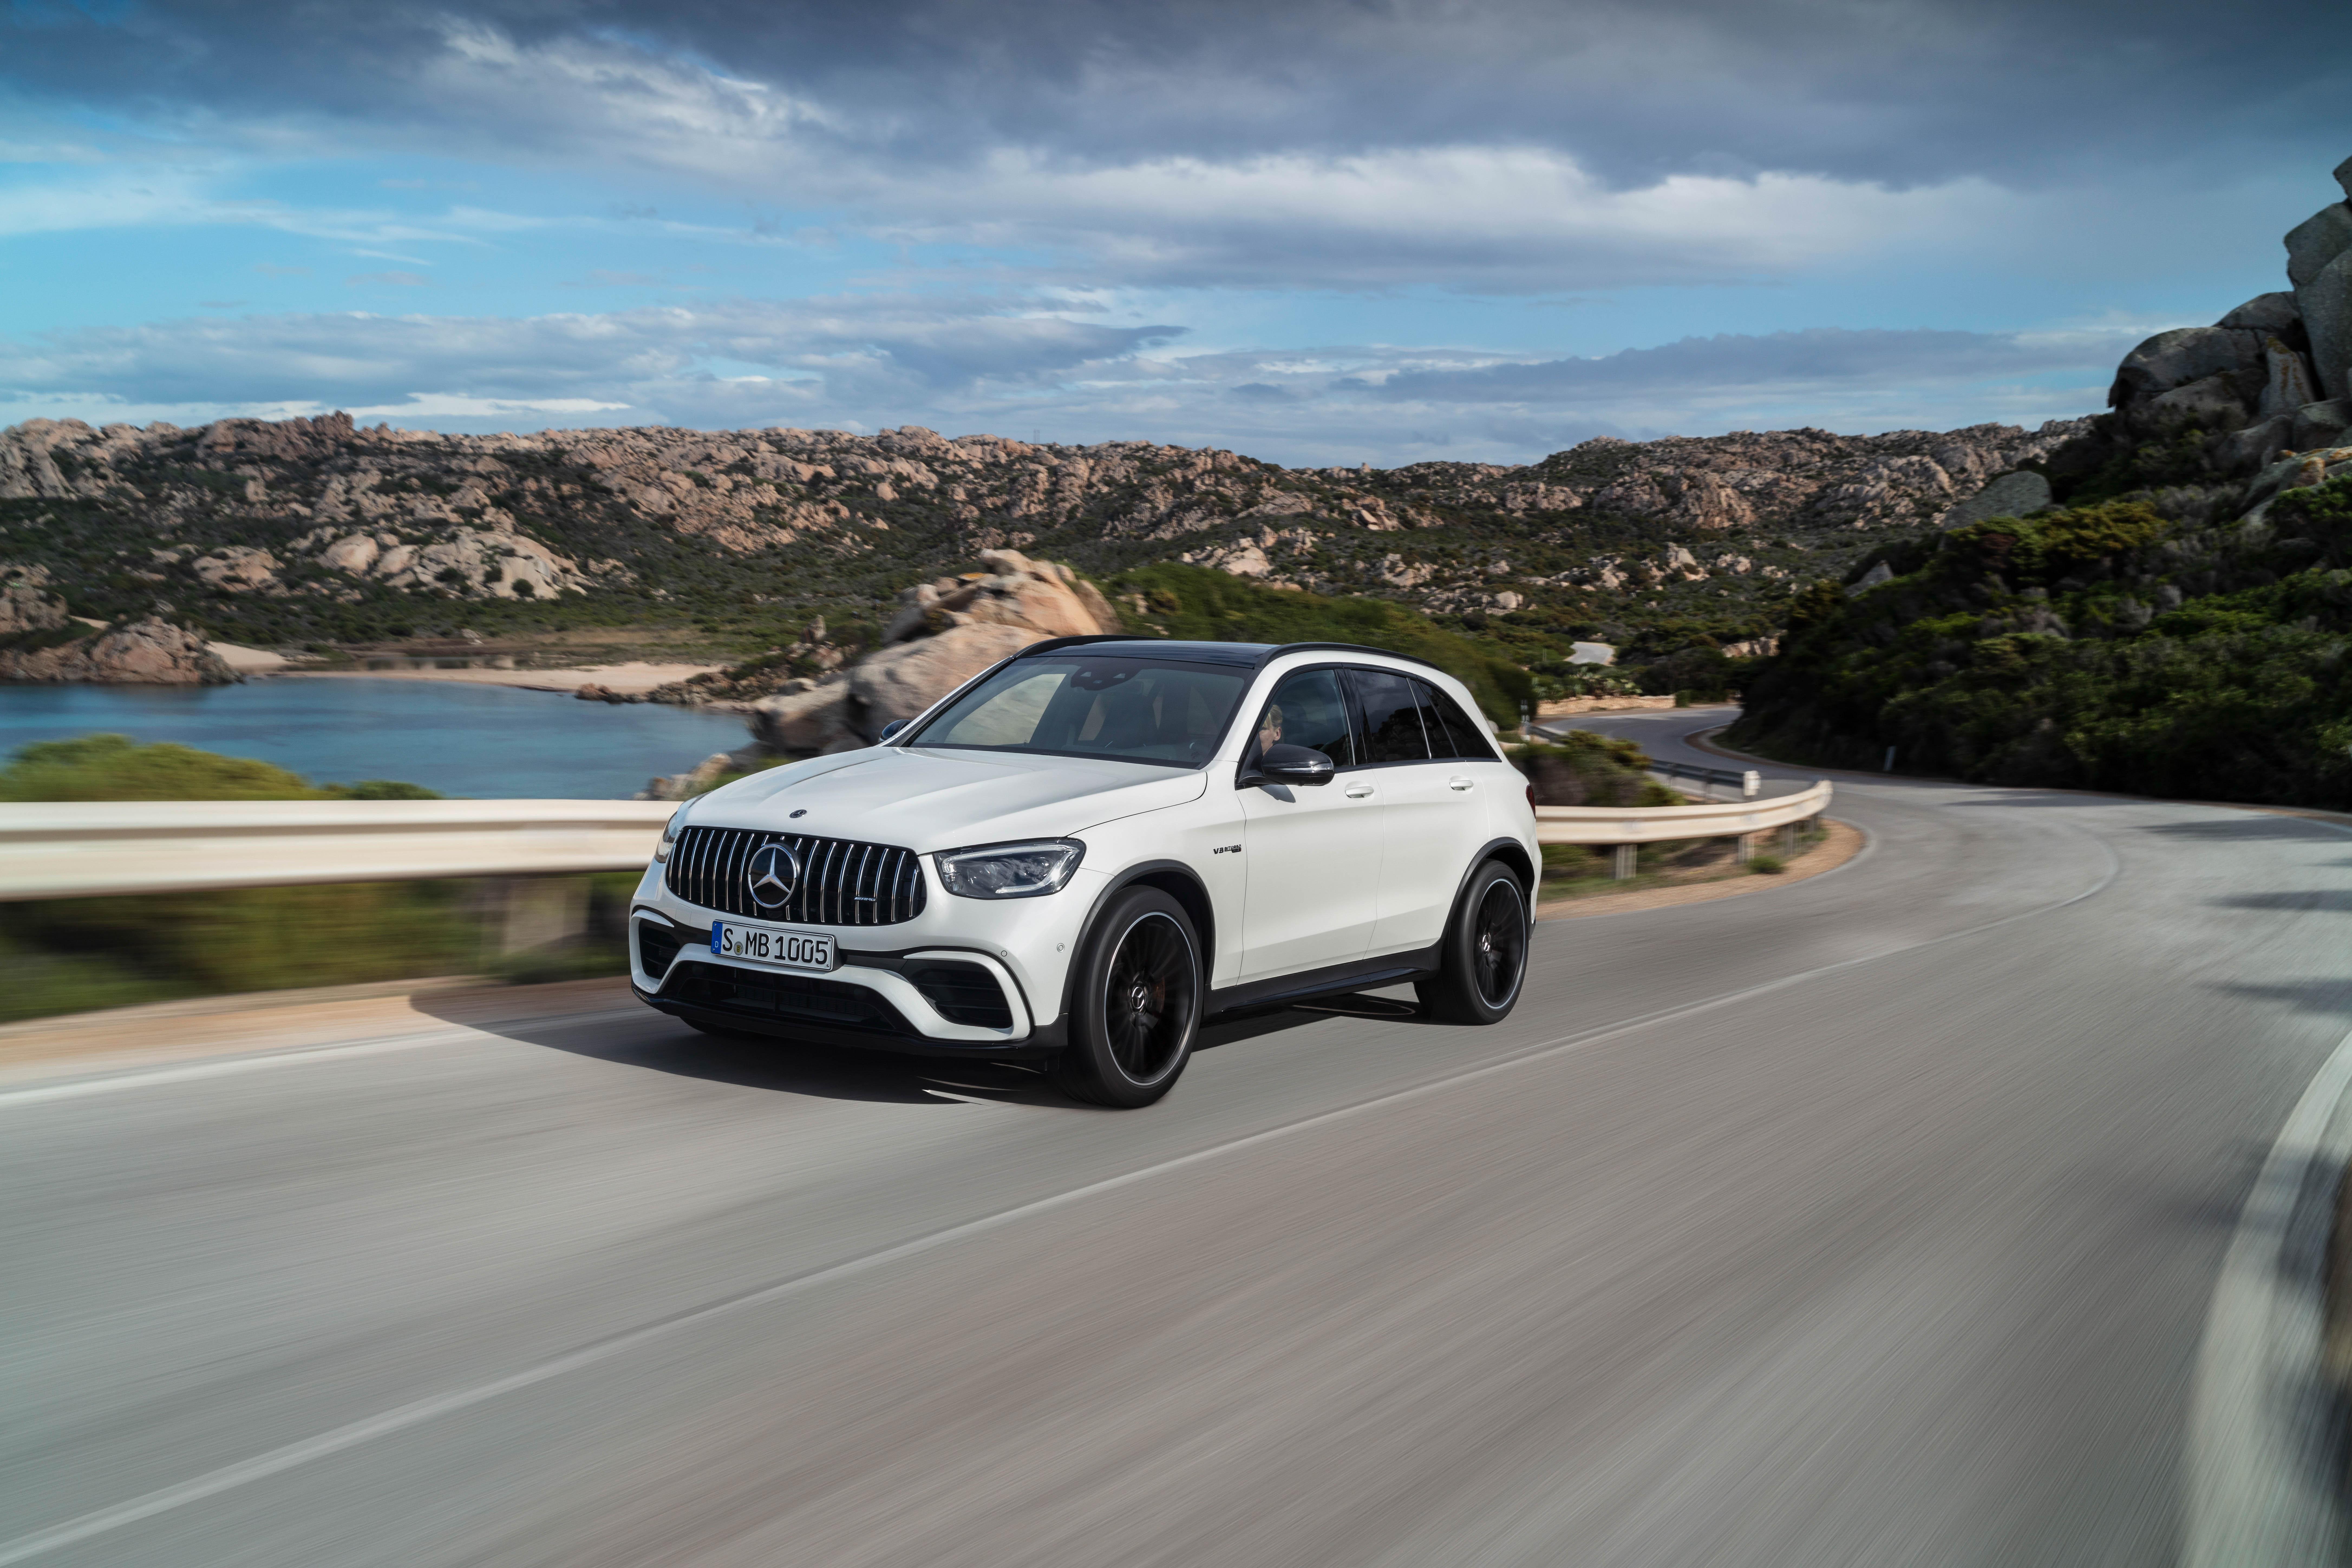 Mercedes-AMG GLC 63 小改款發布,3.8秒即可破百 Mercedes-AMG GLC 63 S 4MATIC+ (2019) Mercedes-AMG GLC 63 S 4MATIC+ (2019) - Paul Tan ...